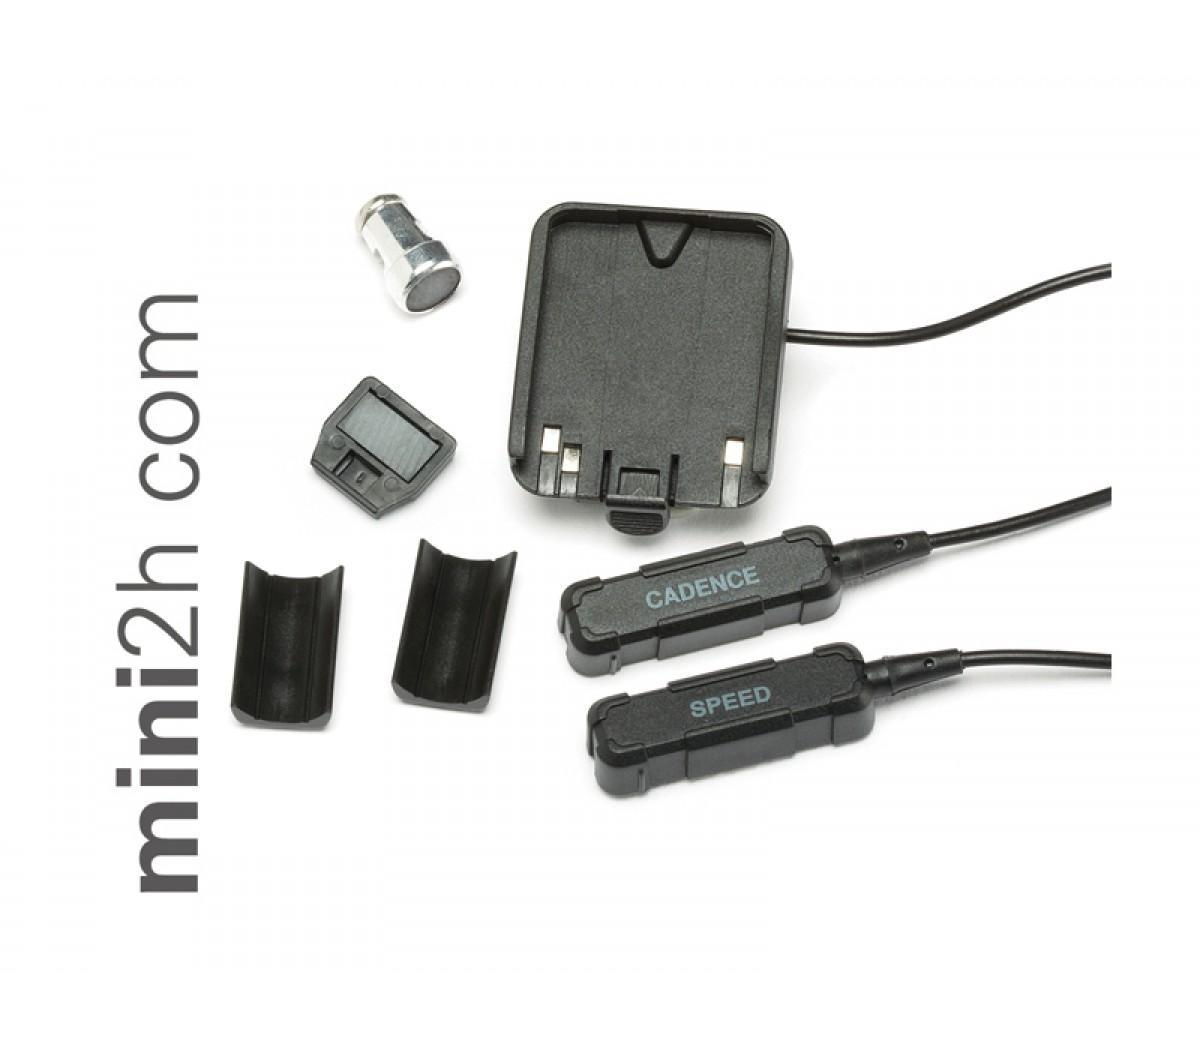 Computerdl O-Synce Mini Houder Combo Snelheid En Cadans